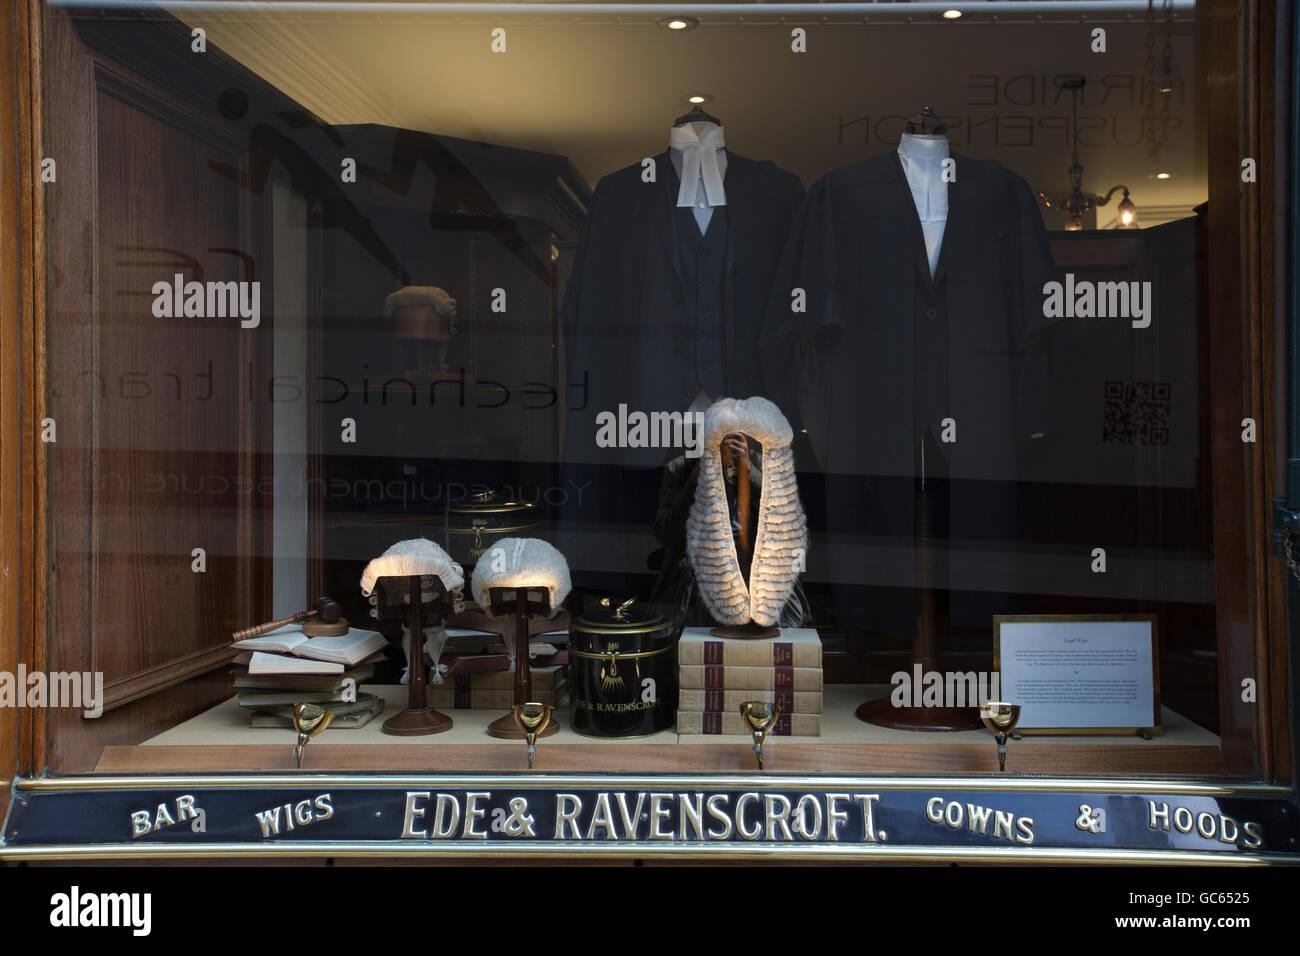 Ede & Ravenscroft, Kleidung schneidern und Gewand Entscheidungsträger für die Anwaltschaft, Chancery Stockbild